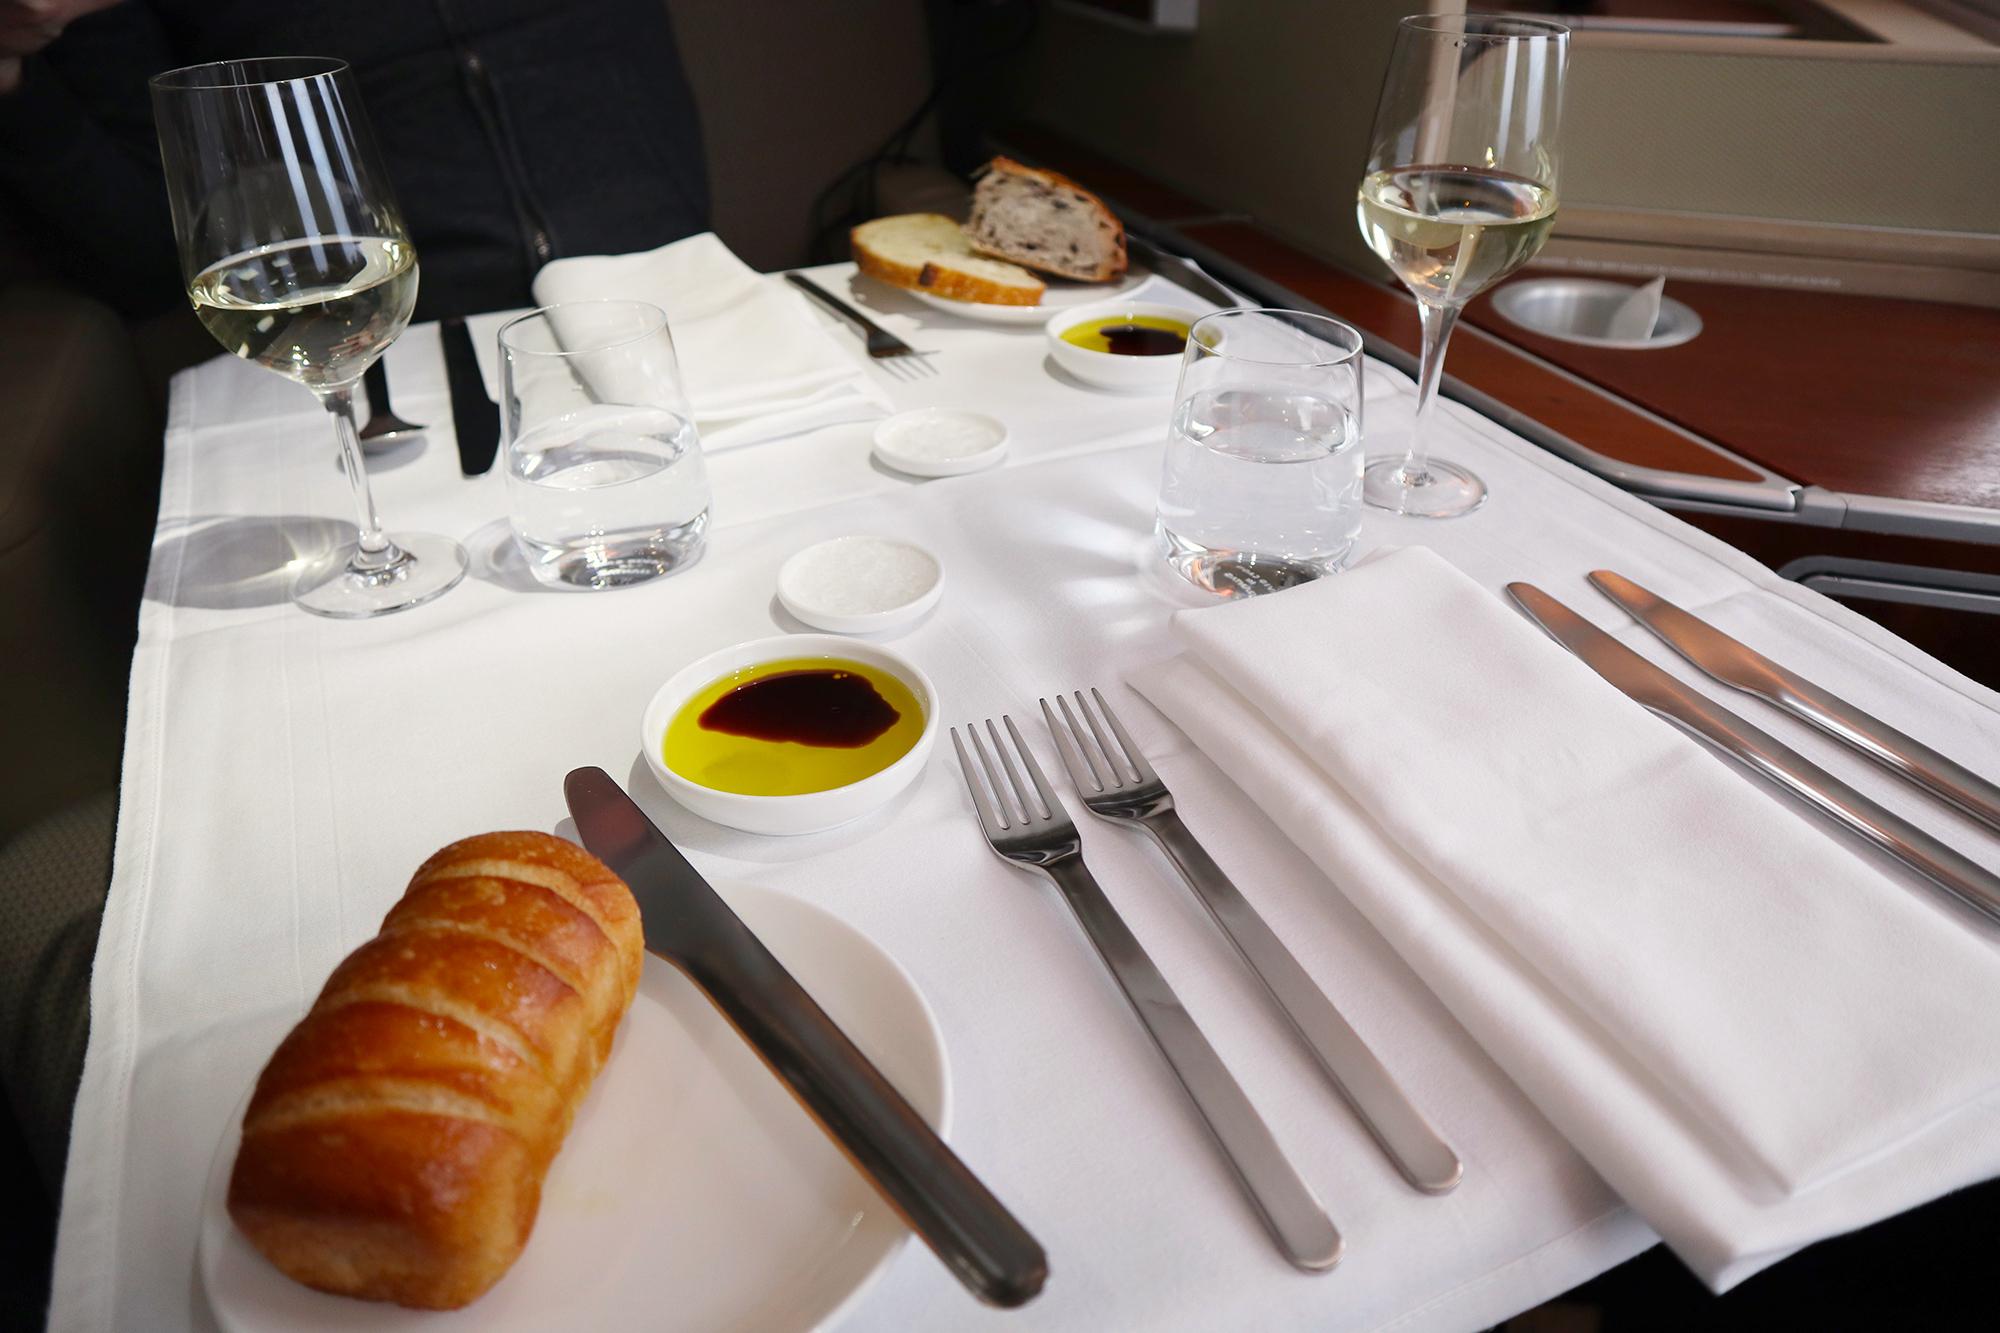 Qantas A380 First Class Table